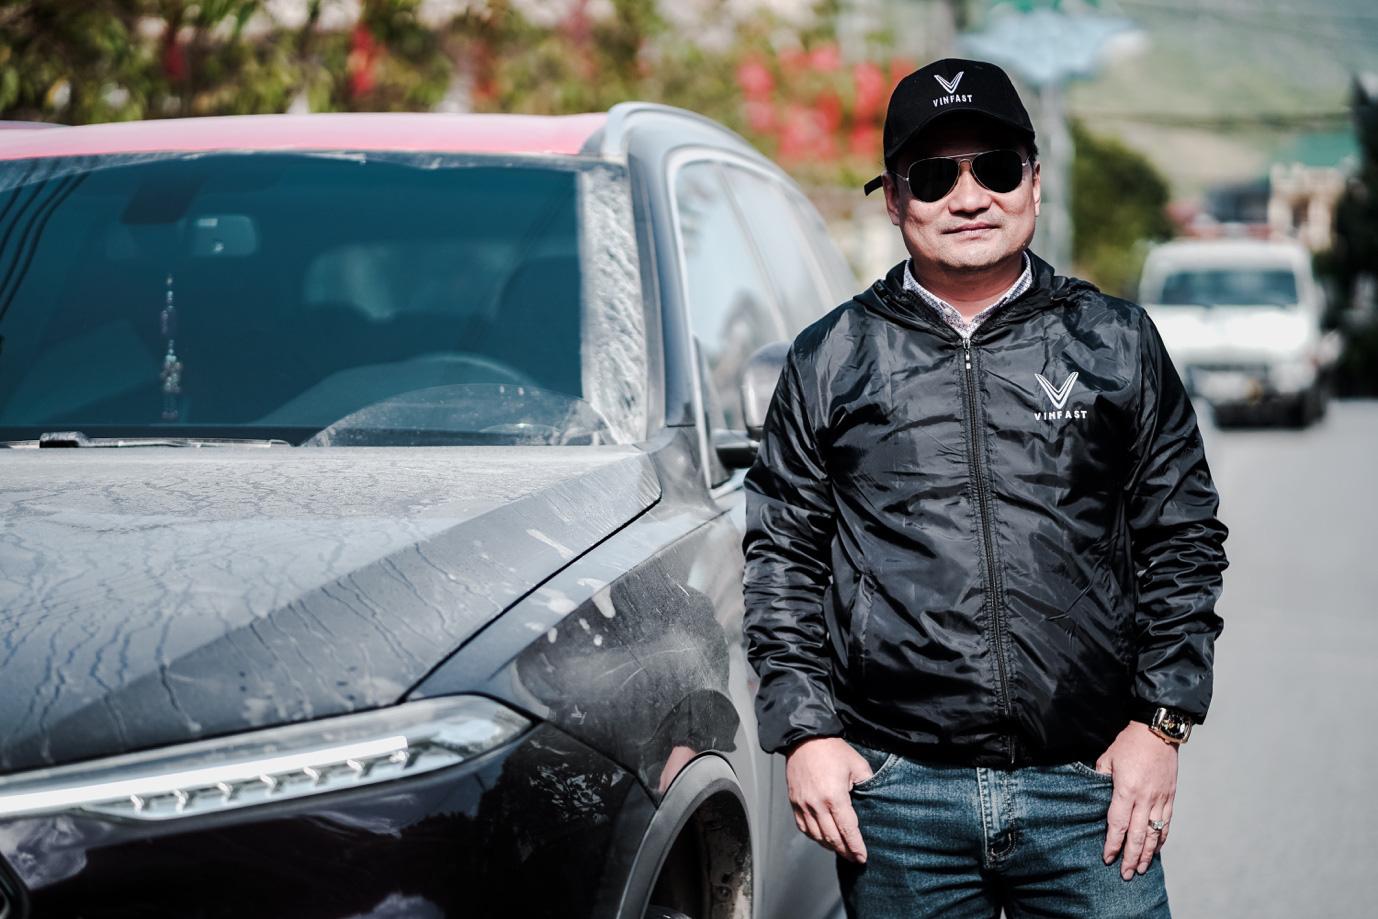 Người dùng đánh giá VinFast Lux sau hành trình chinh phục Hà Giang ấn tượng: 'Đẹp đậm chất Việt, vận hành như xe Âu' - Ảnh 1.